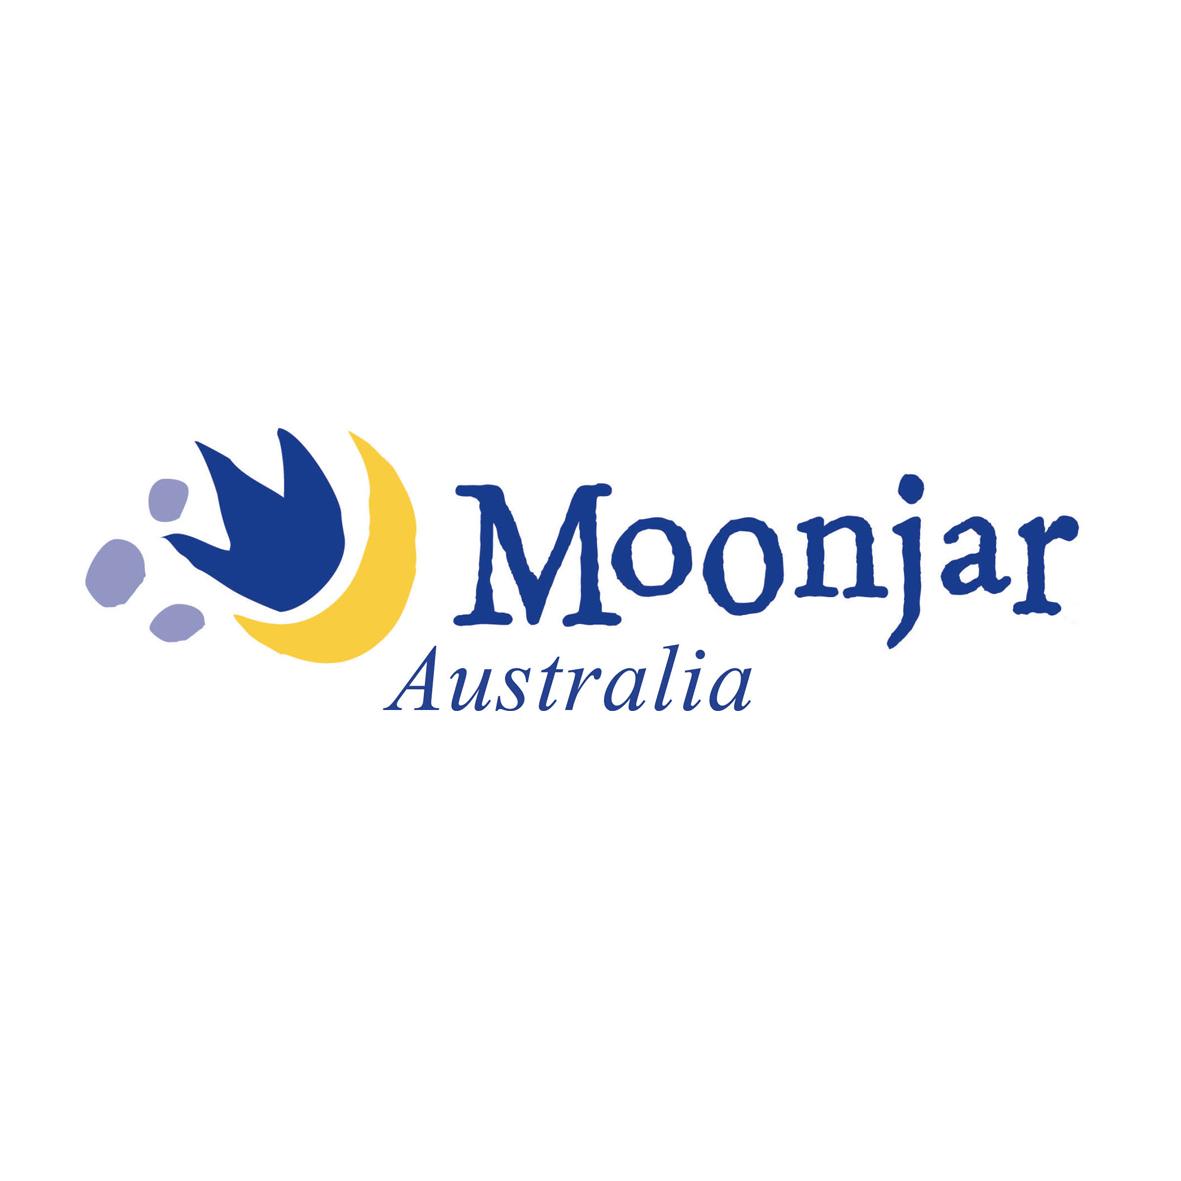 Moonjar Australia